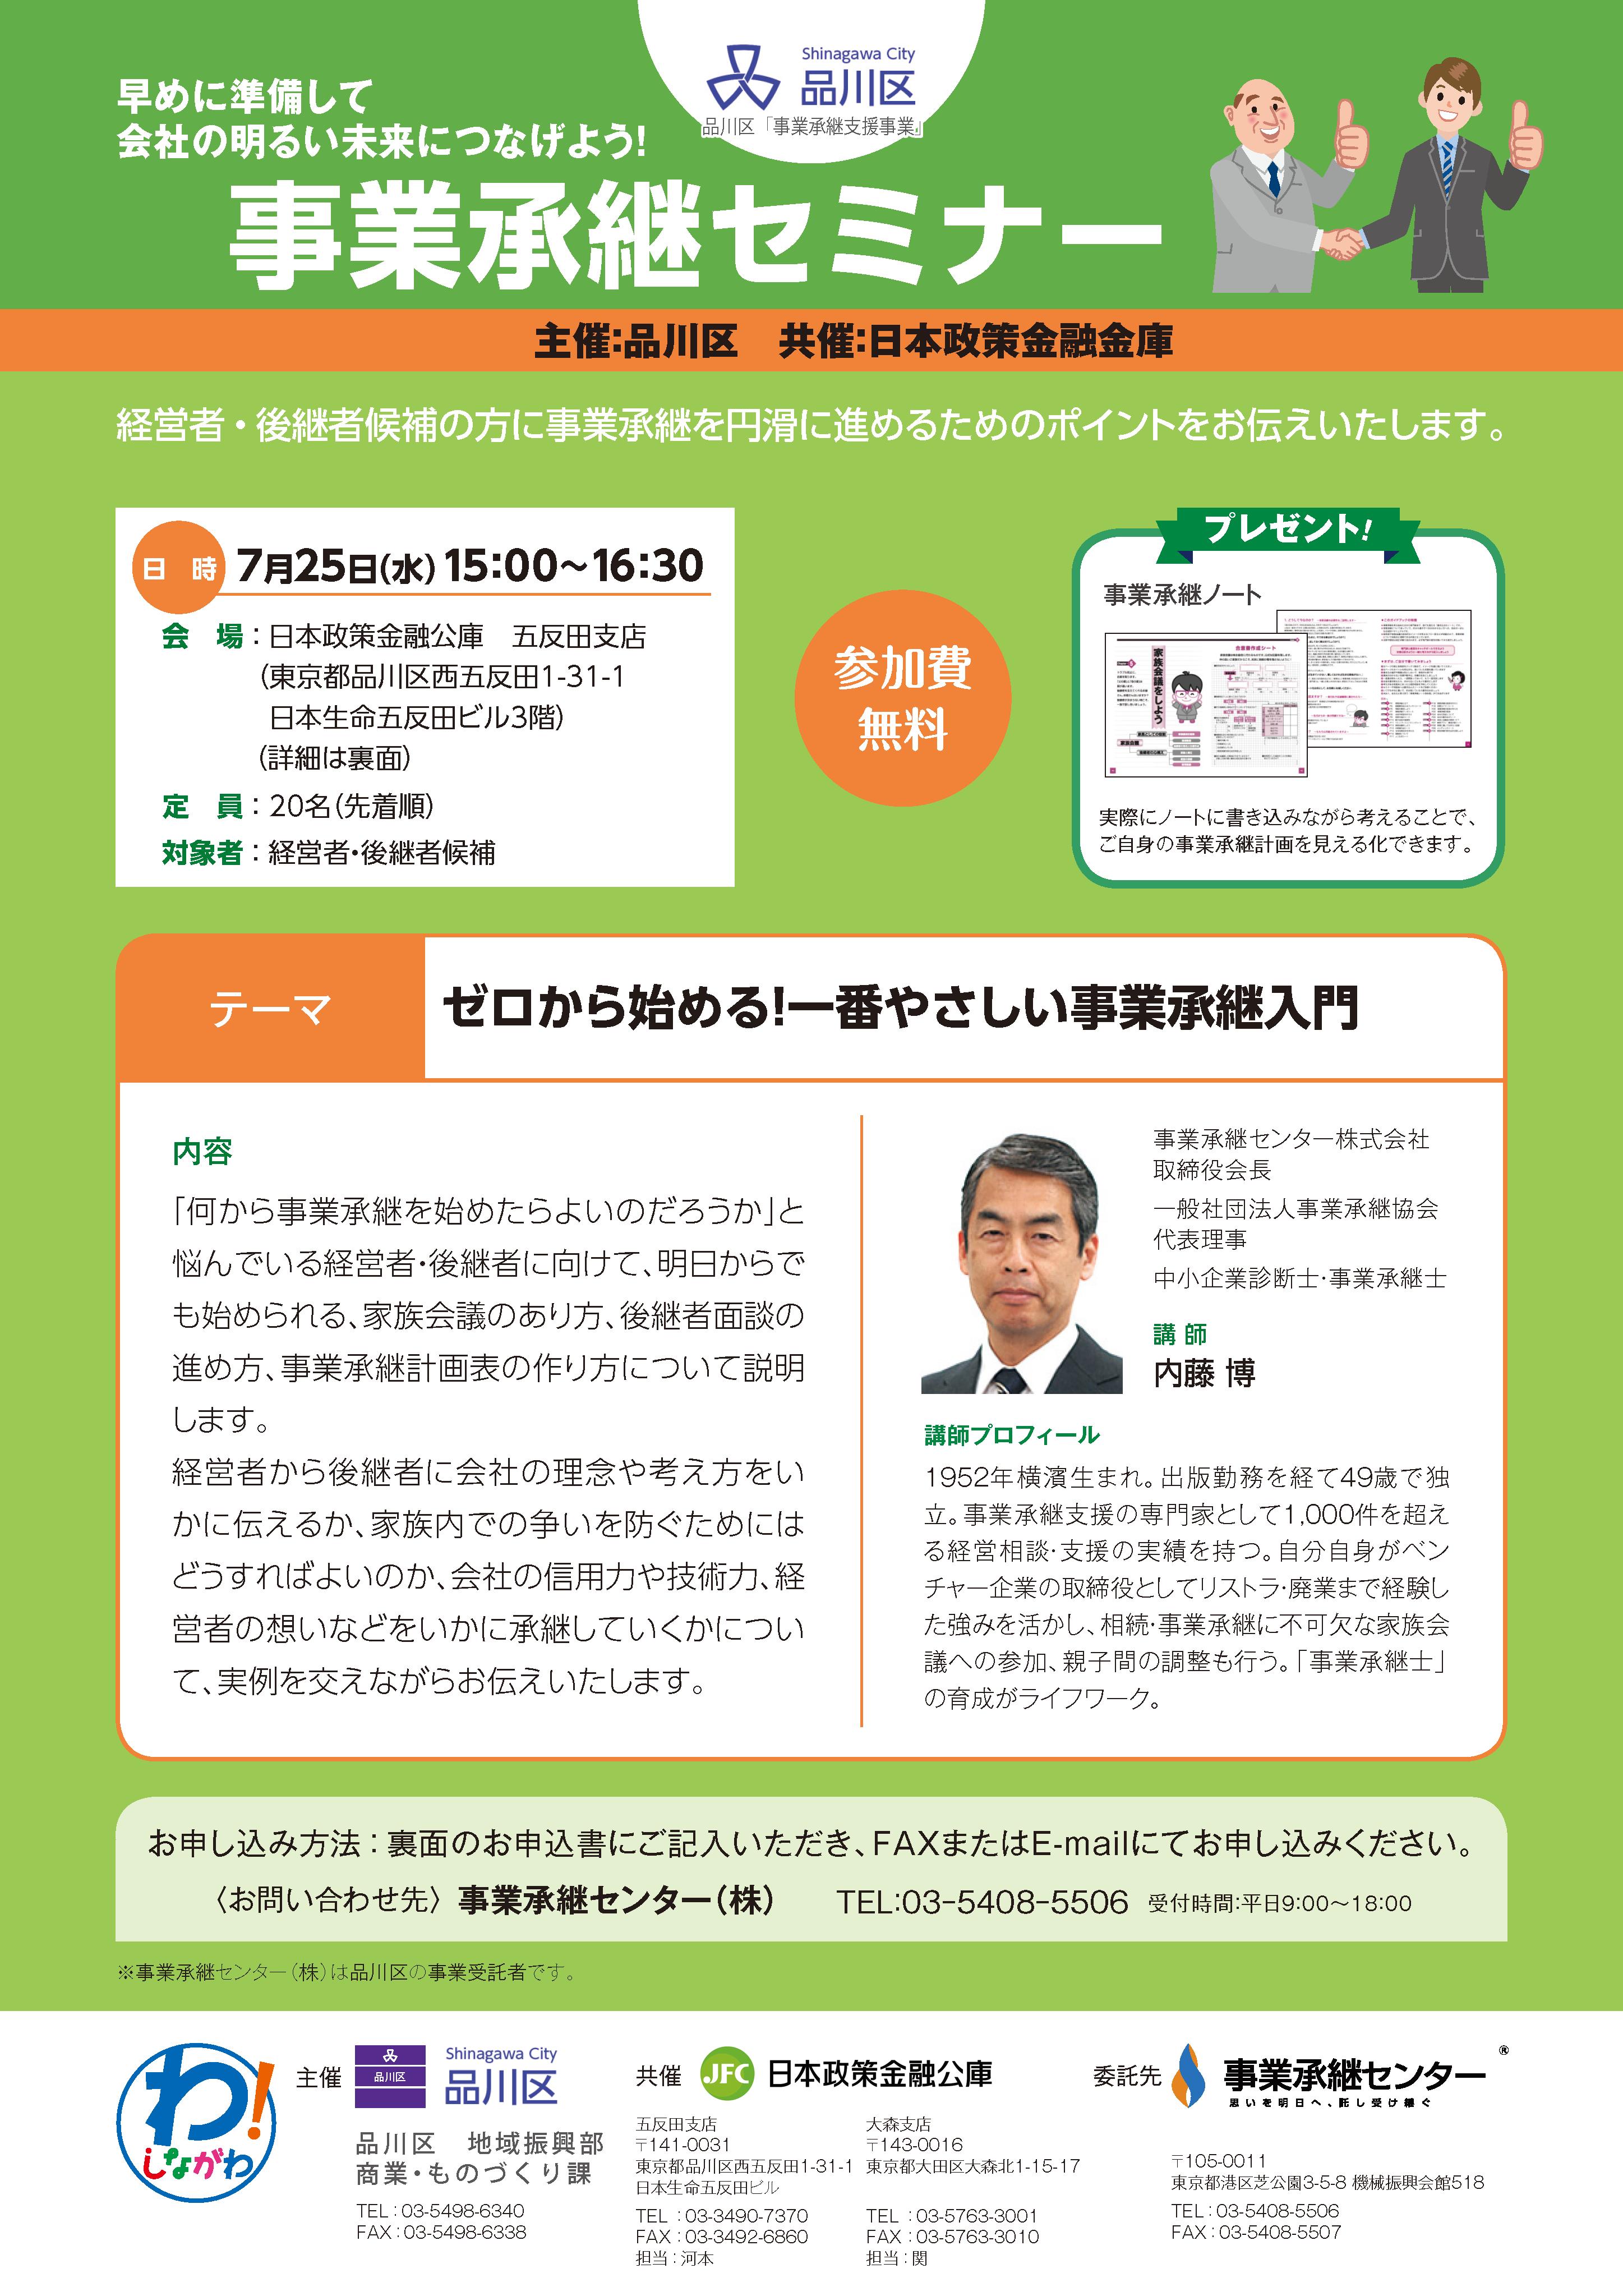 日本 政策 金融 公庫 五反田